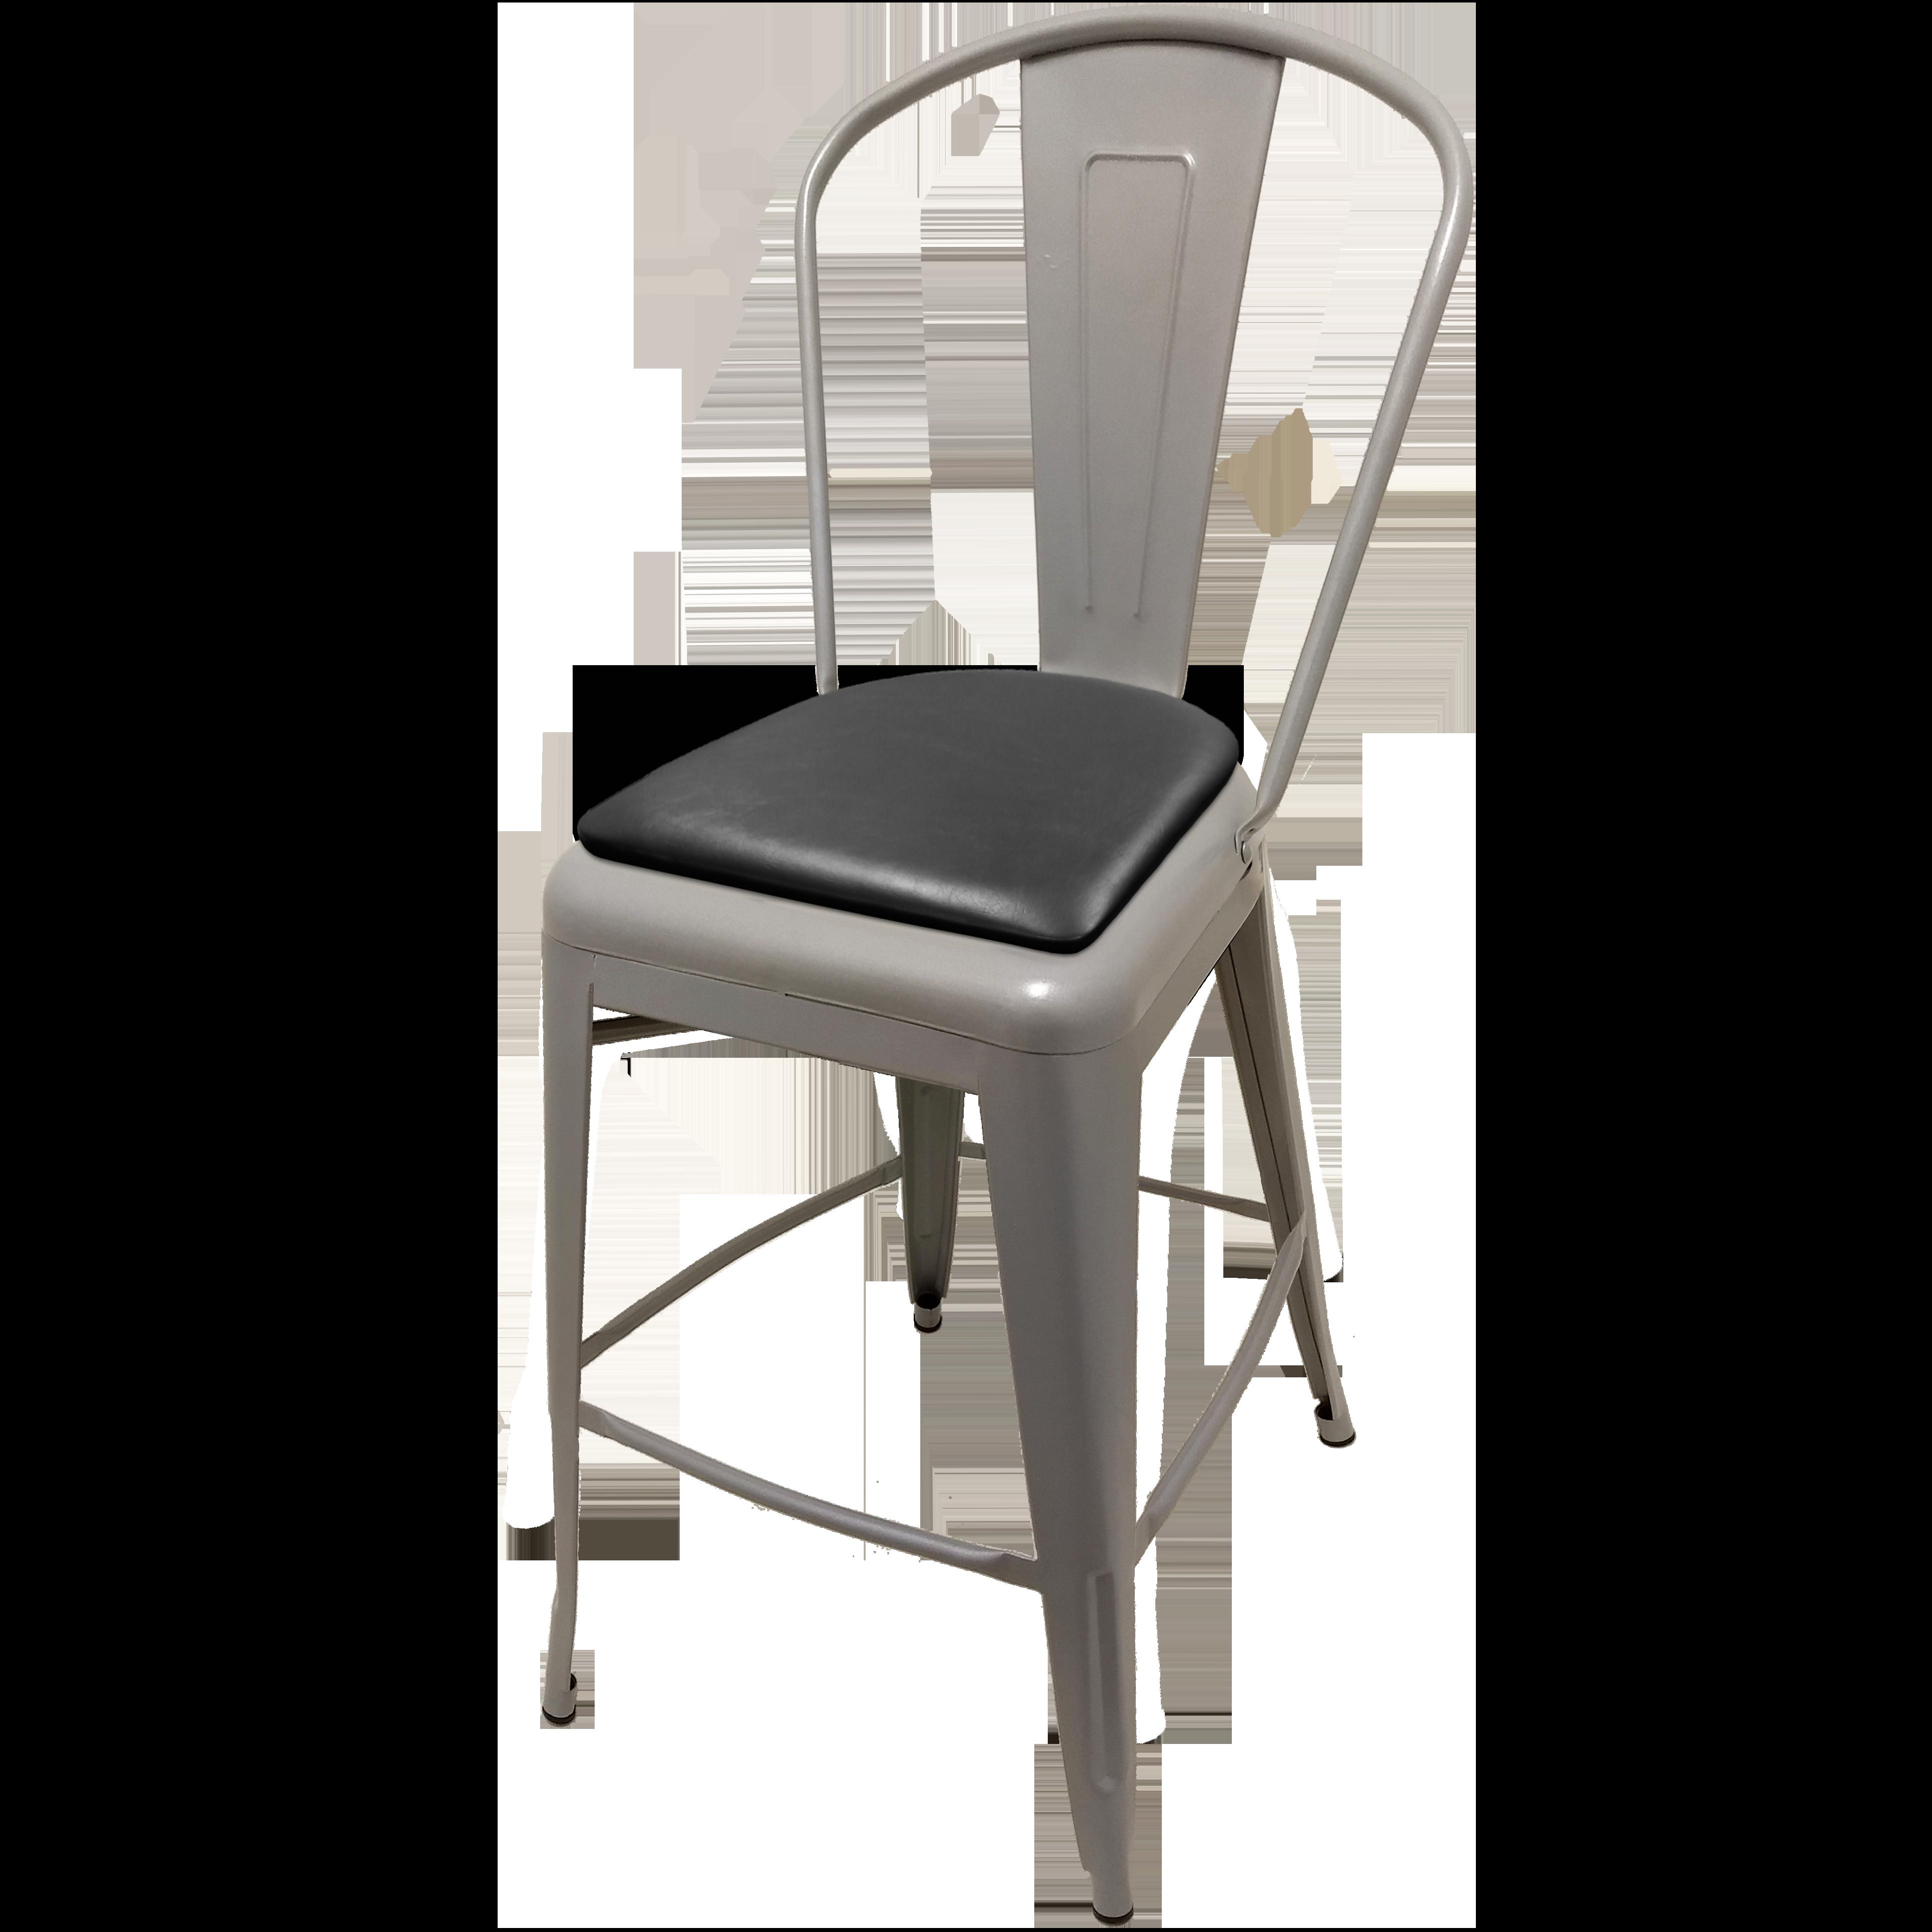 Oak Street OD-BM-0001-SLV-BLK bar stool, outdoor